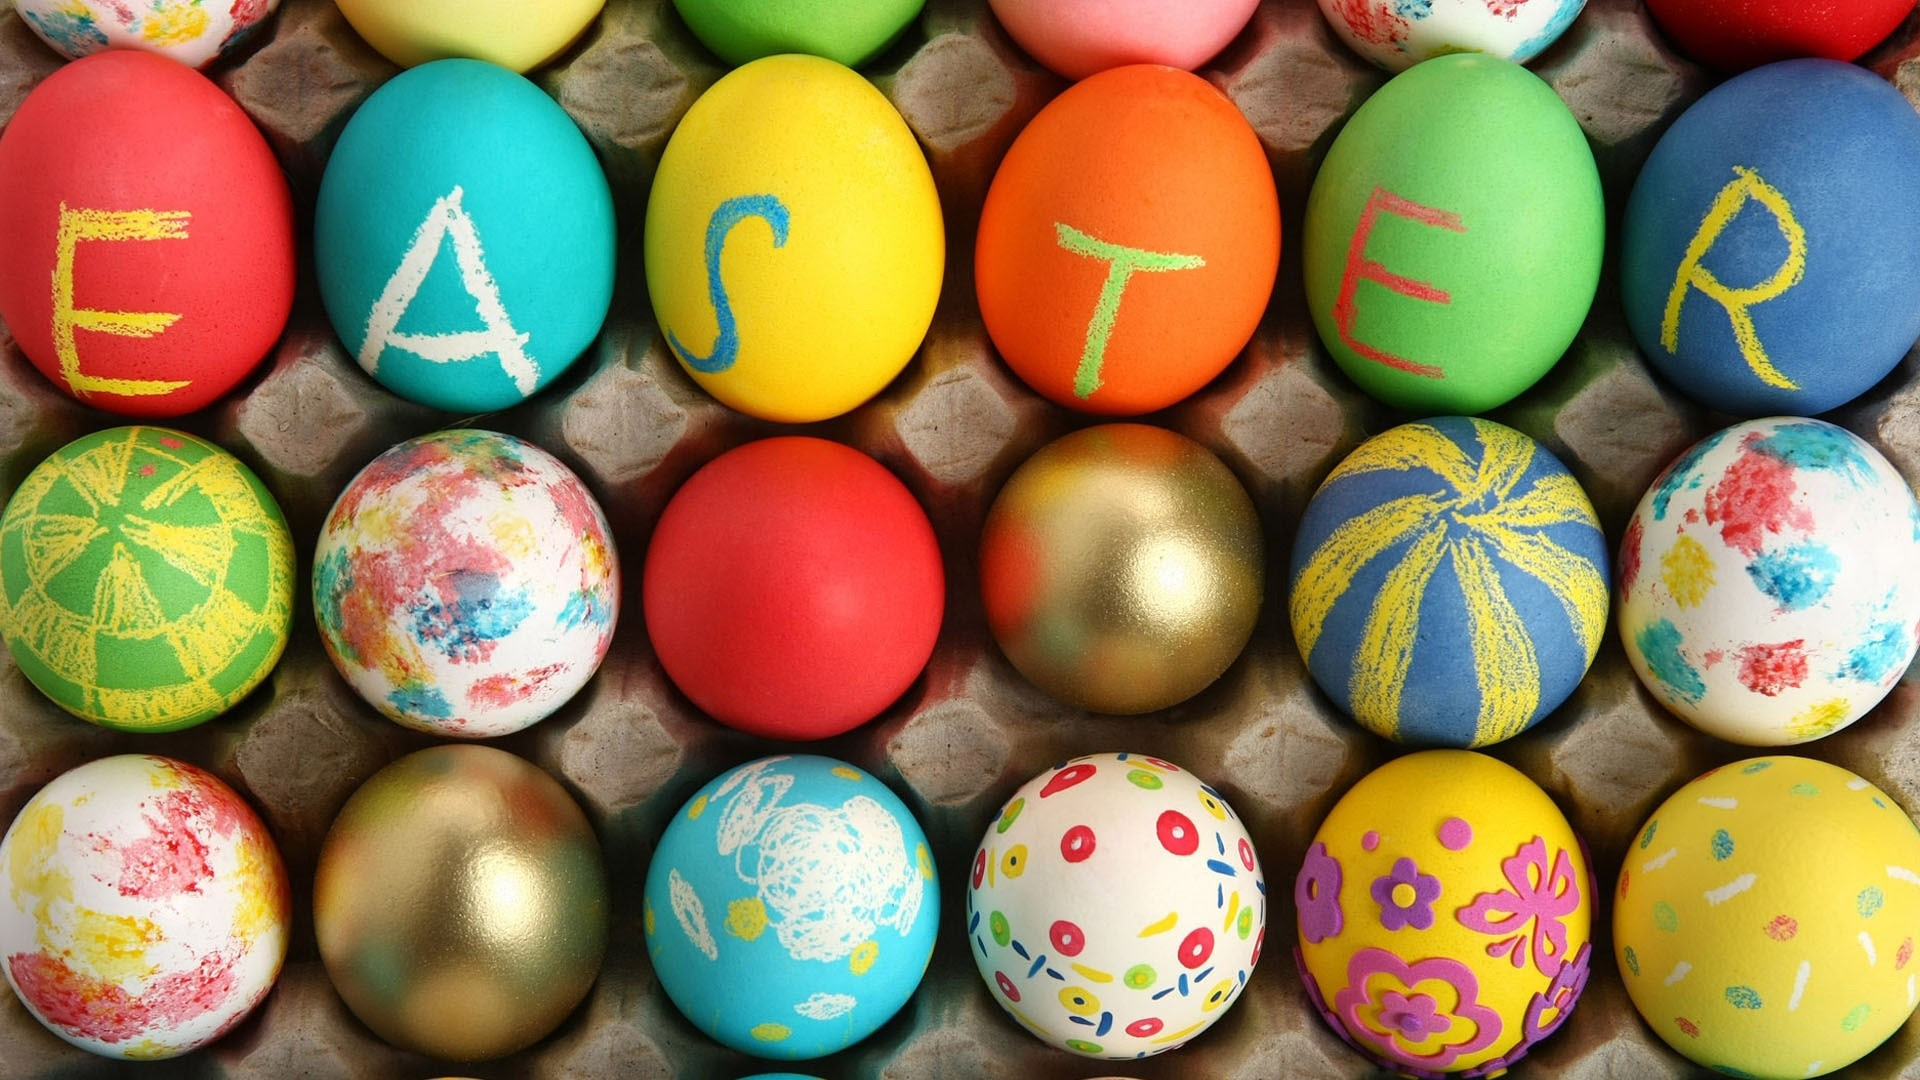 Easter Egg Desktop Wallpaper 60 Images